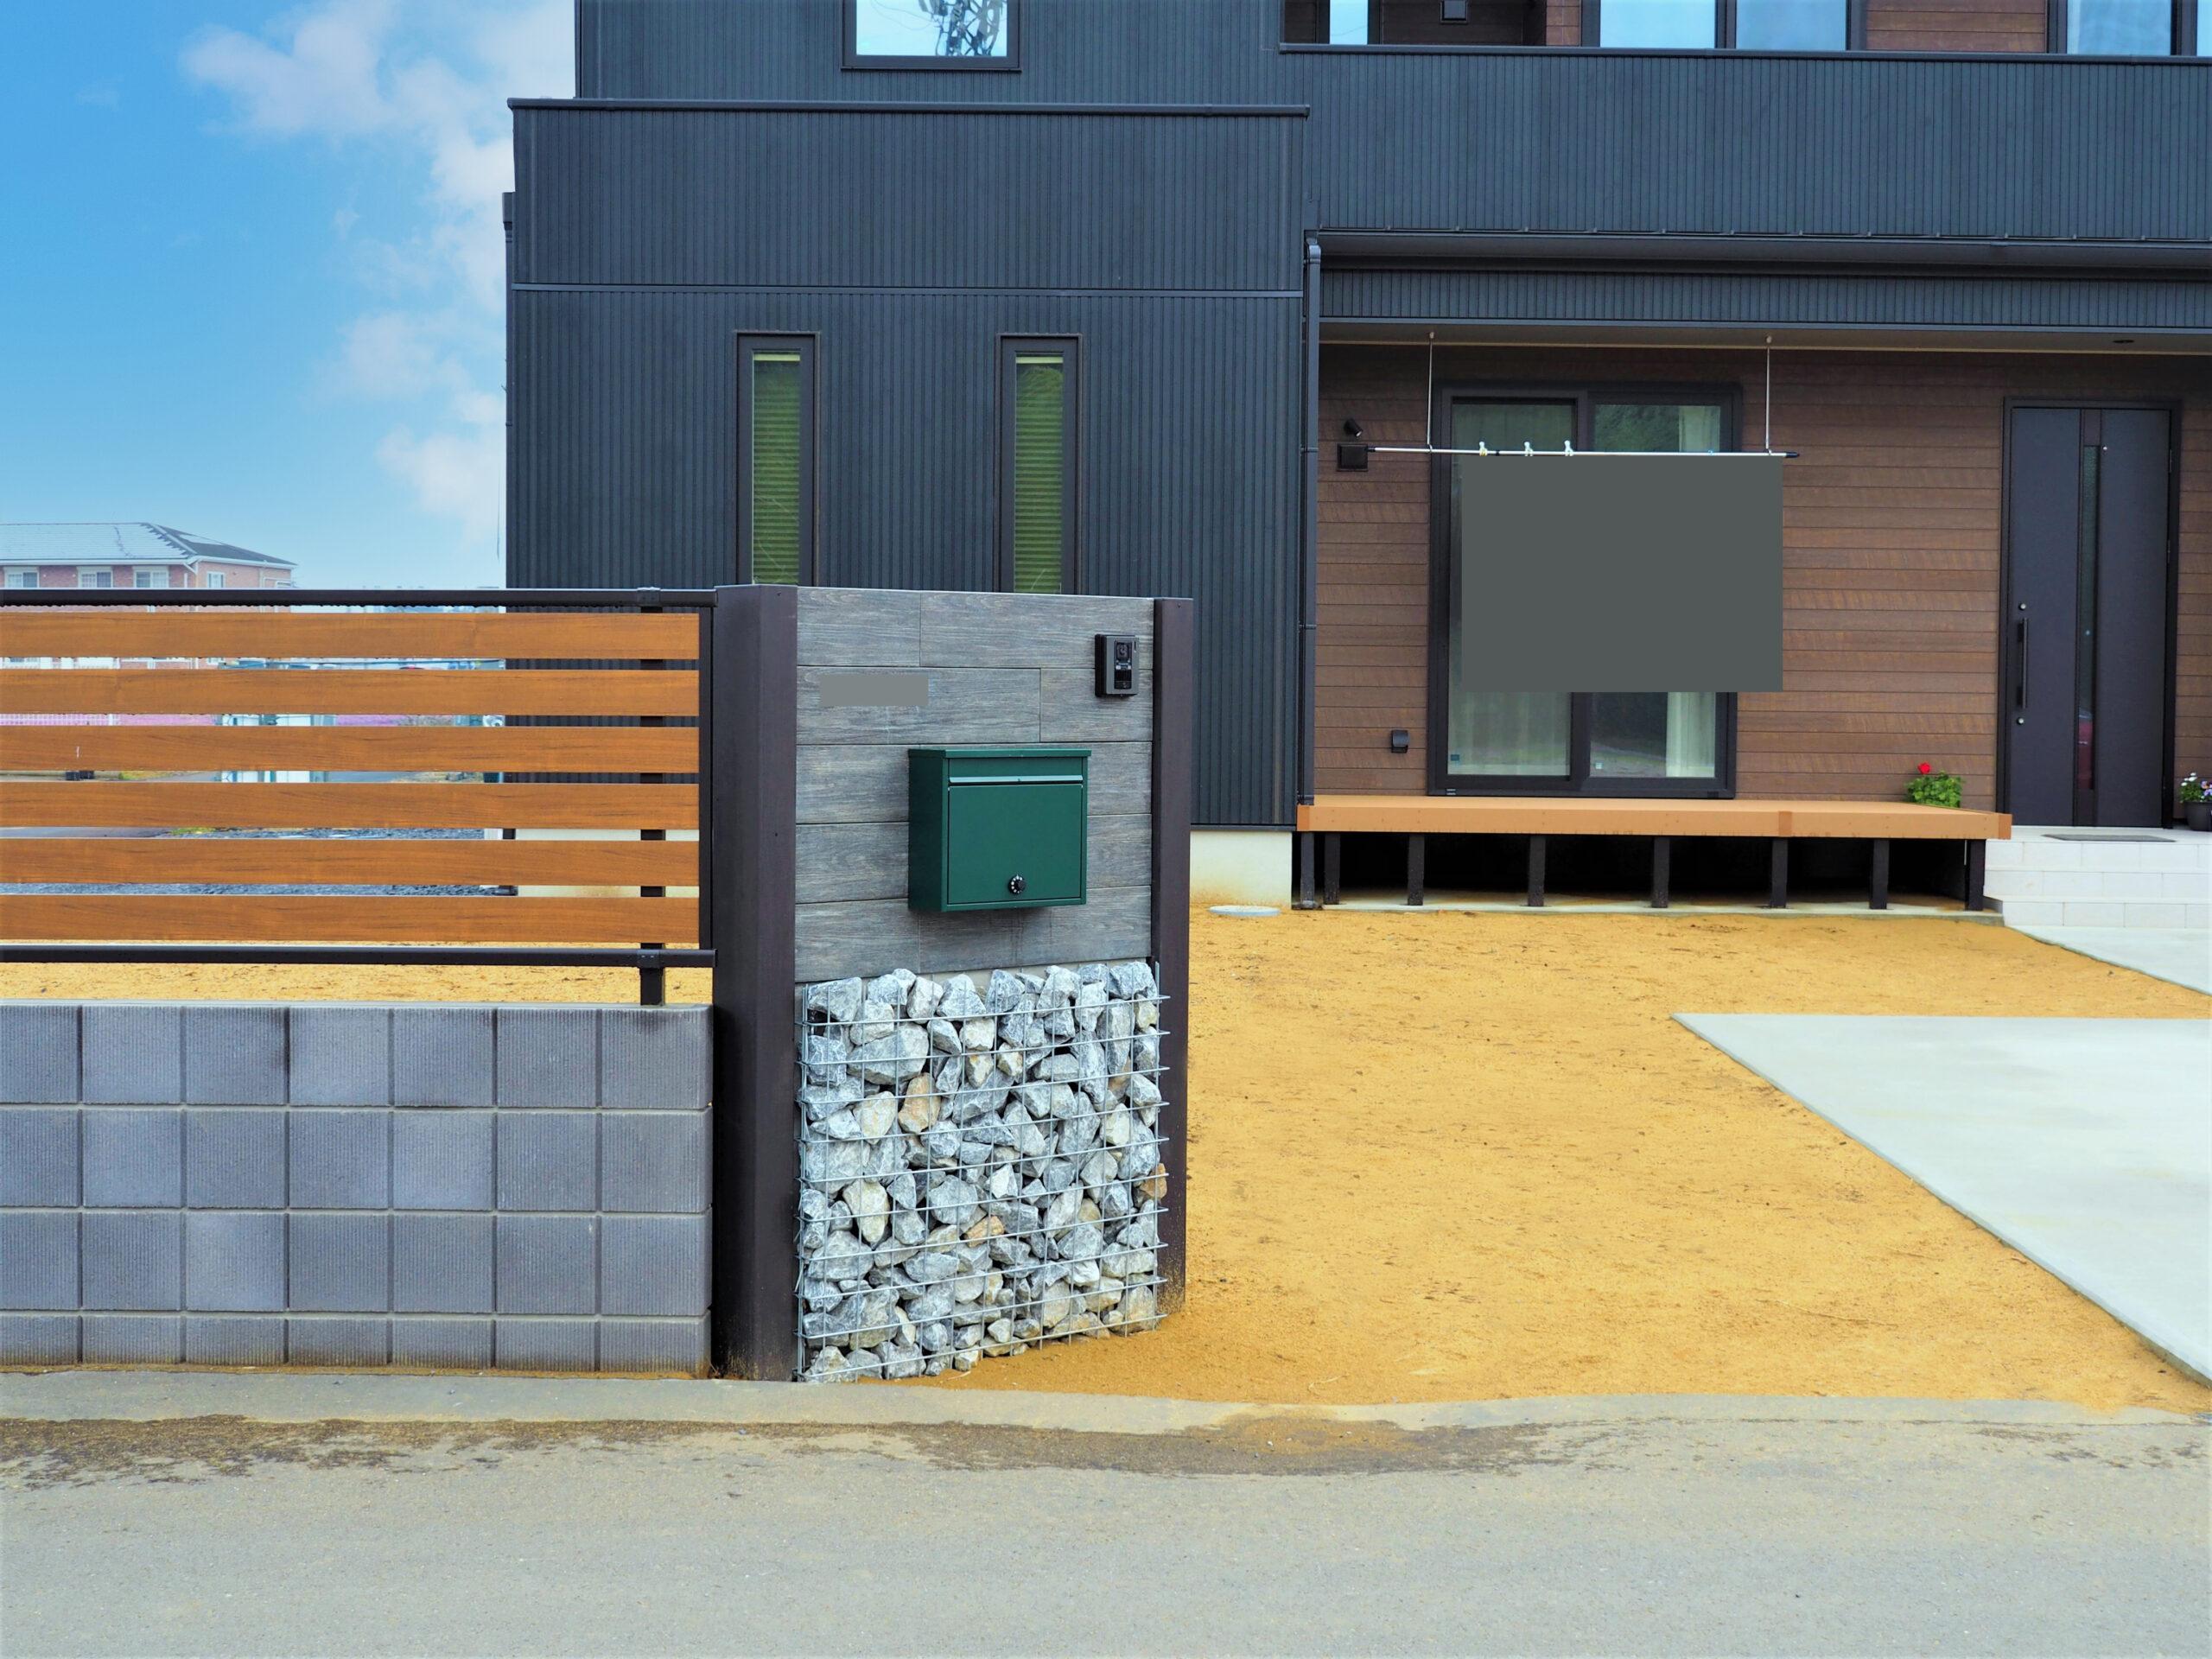 【土浦市 N様邸】 ガビオンと自然石をあしらった門袖と、ガルバリウム鋼板の建物外壁が調和するエクステリア